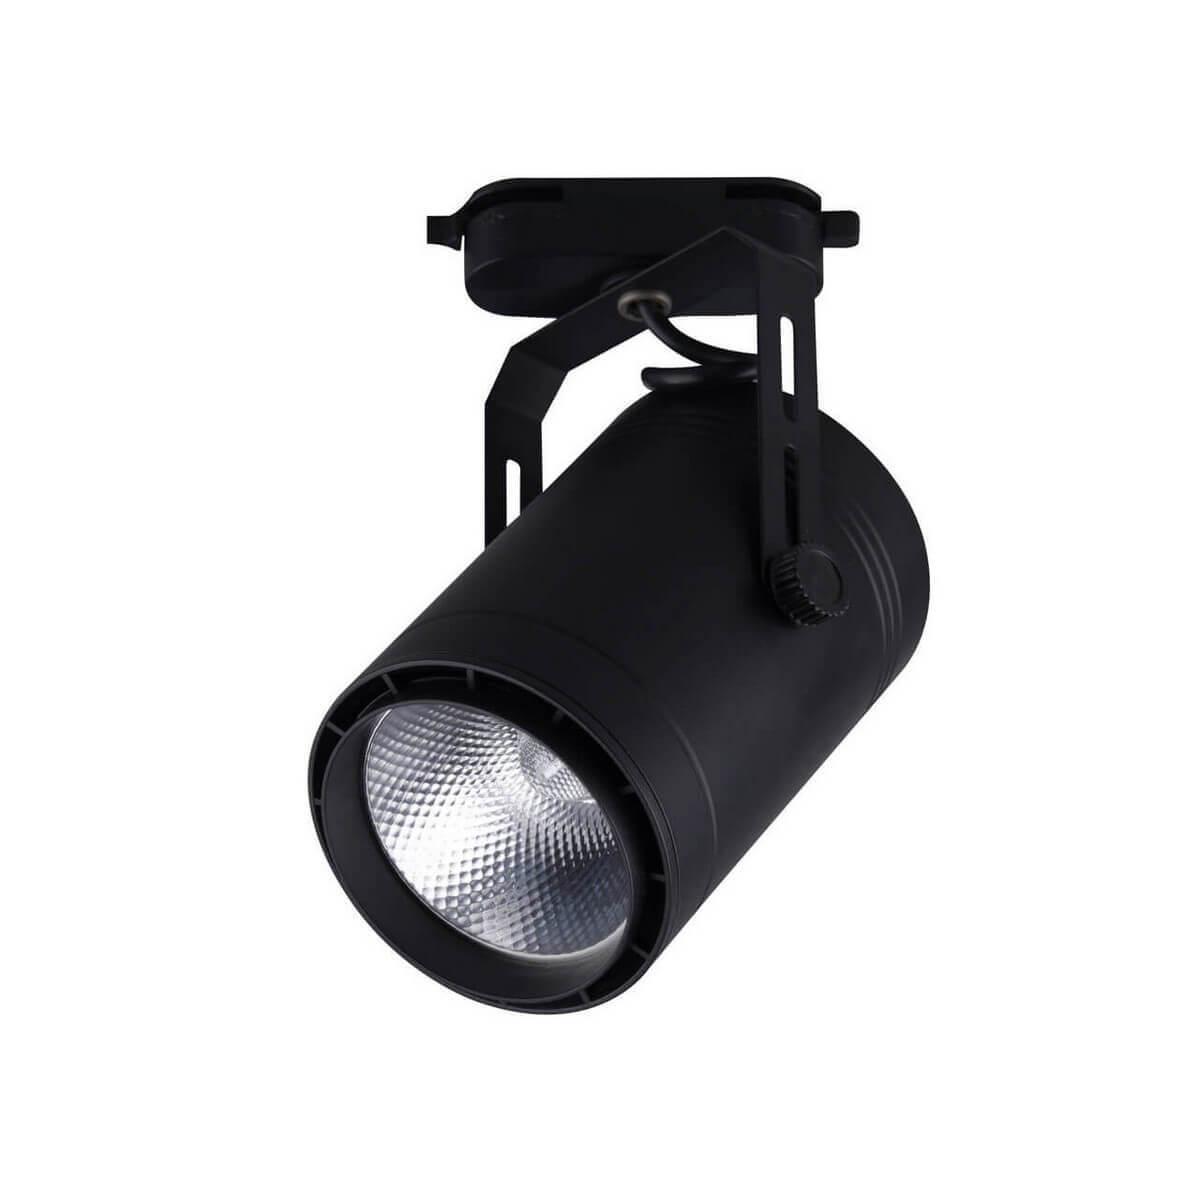 Трековый светодиодный светильник Kink Light Треки 6483-3,19 трековый светодиодный светильник kink light треки 6483 1 01